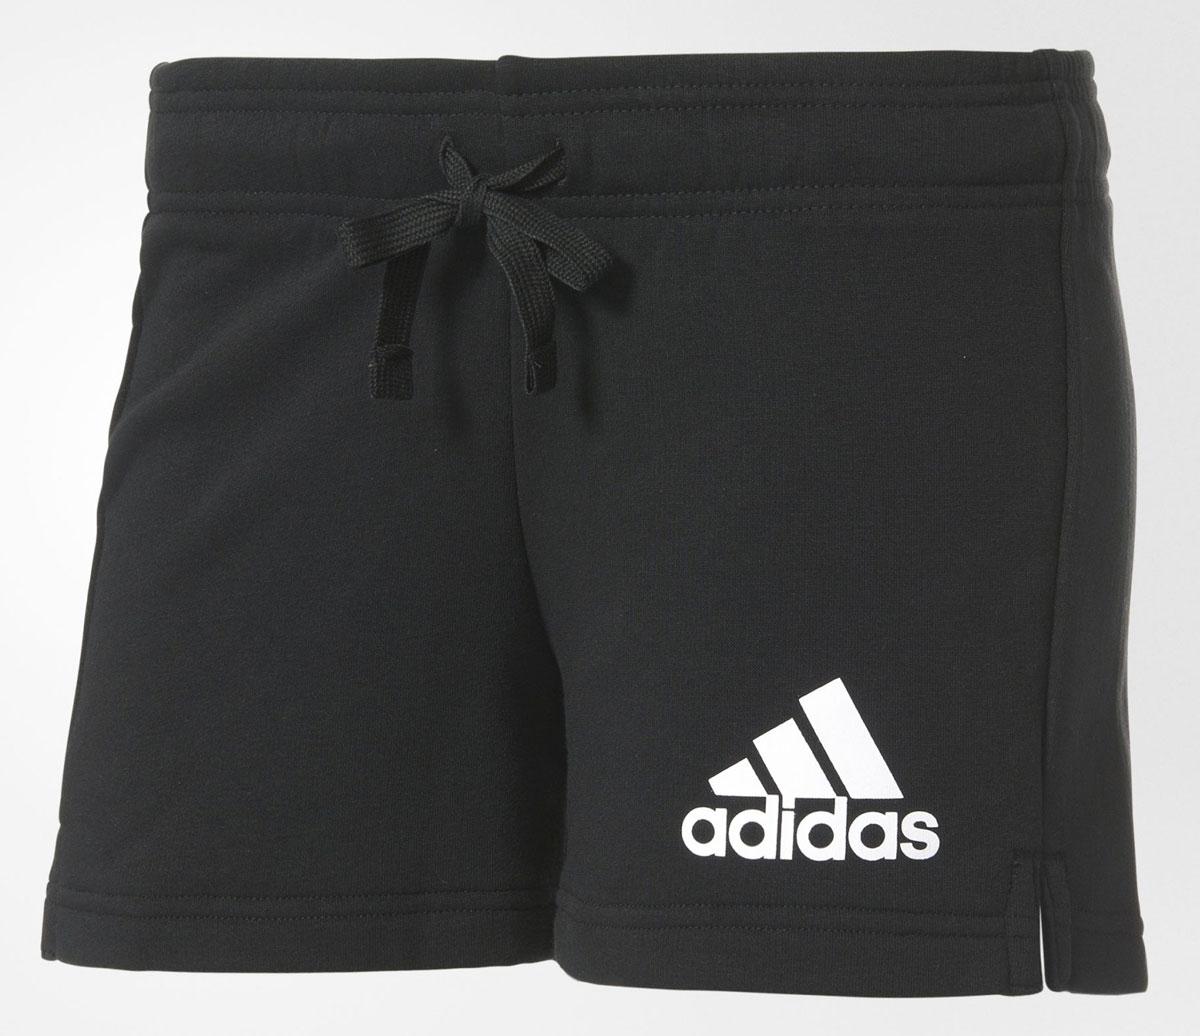 Шорты женские adidas Ess Solid Short, цвет: черный. B45780. Размер S (42/44)B45780Шорты женские adidas Ess Solid Short выполнены из хлопка с добавлением полиэстера. Дополнена модель эластичным поясом с затягивающимся шнурком.